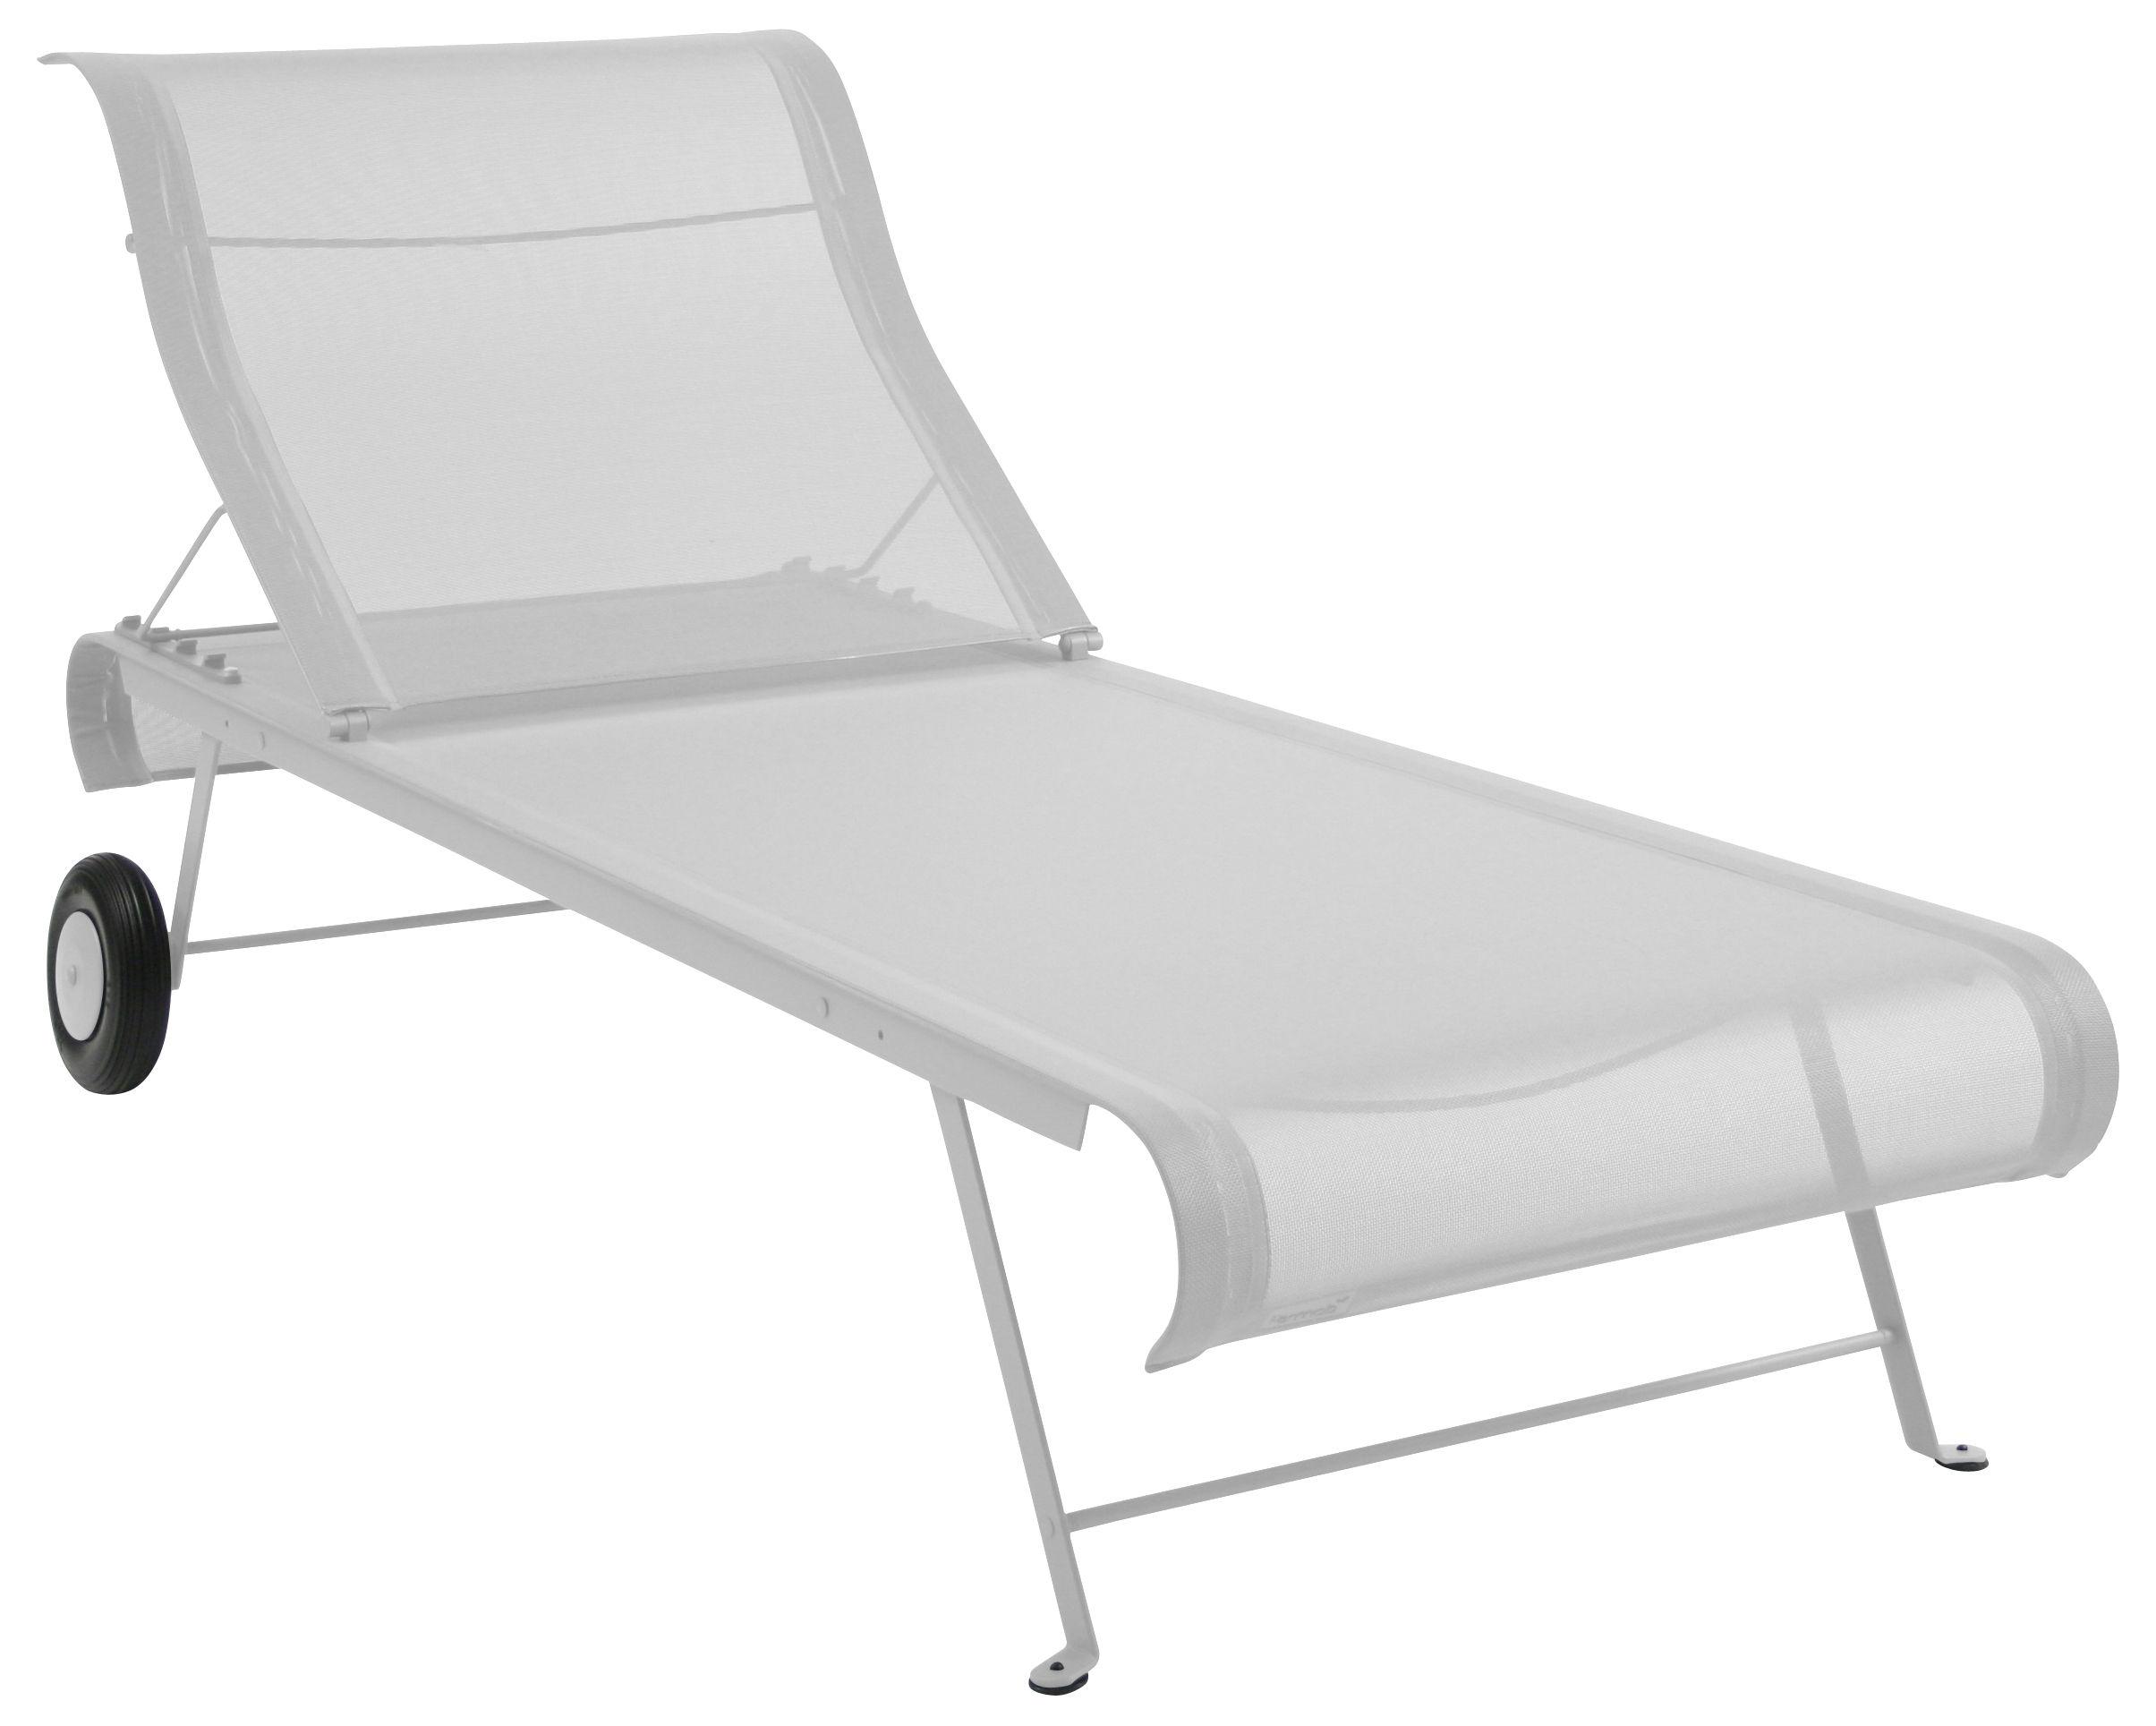 Outdoor - Chaises longues et hamacs - Bain de soleil Dune - Fermob - Blanc - Acier laqué, Toile polyester